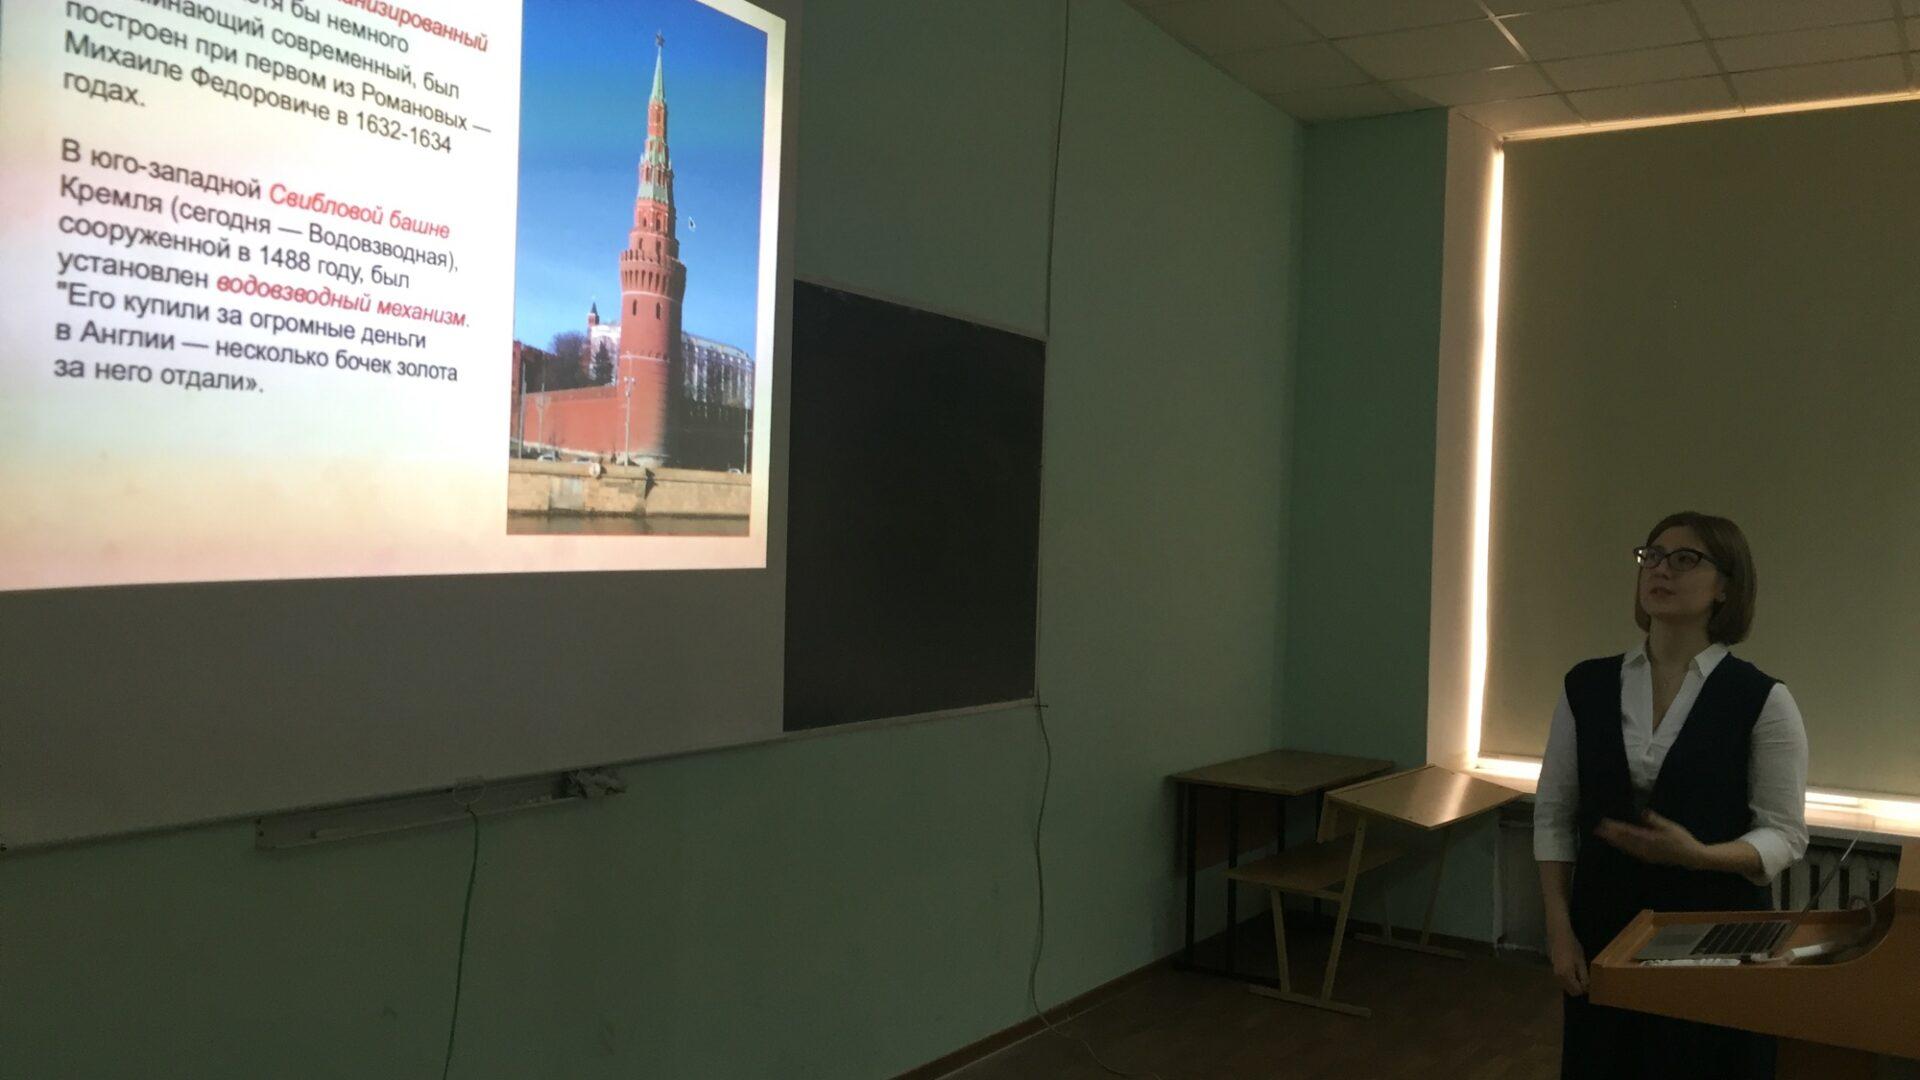 """Квест и брейн-ринг «""""Водопользование в Москве"""" или """"Водное дело"""" в Москве»"""